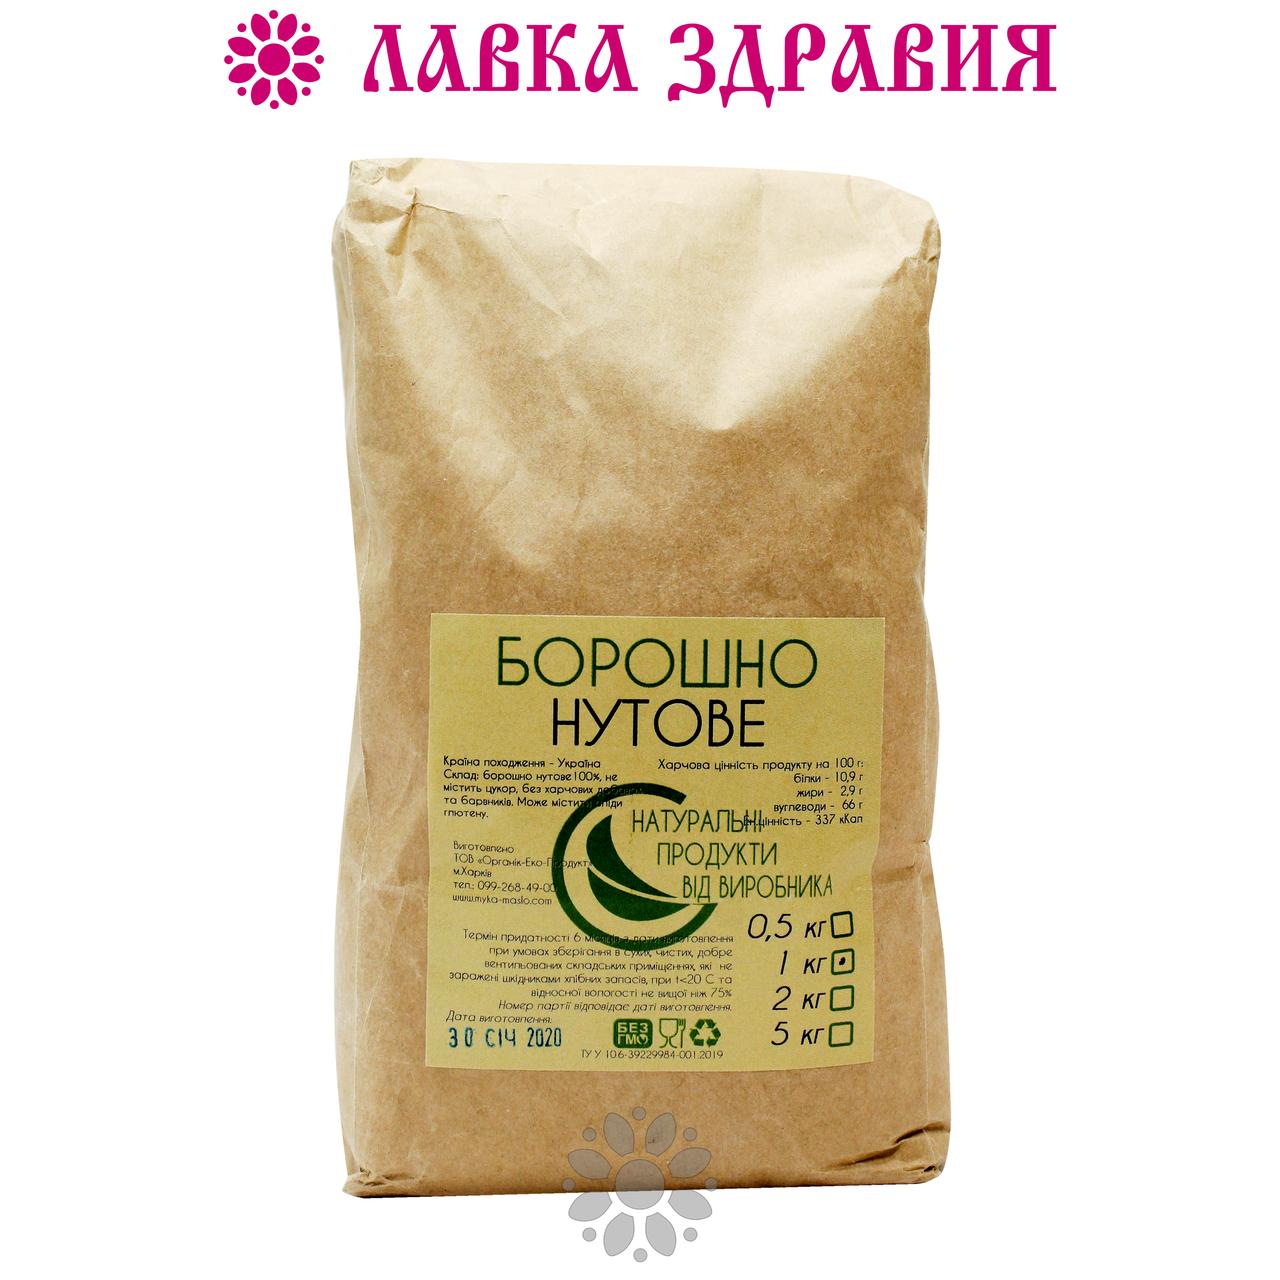 Мука нутовая, 1 кг, ОрганикЭкоПродукт